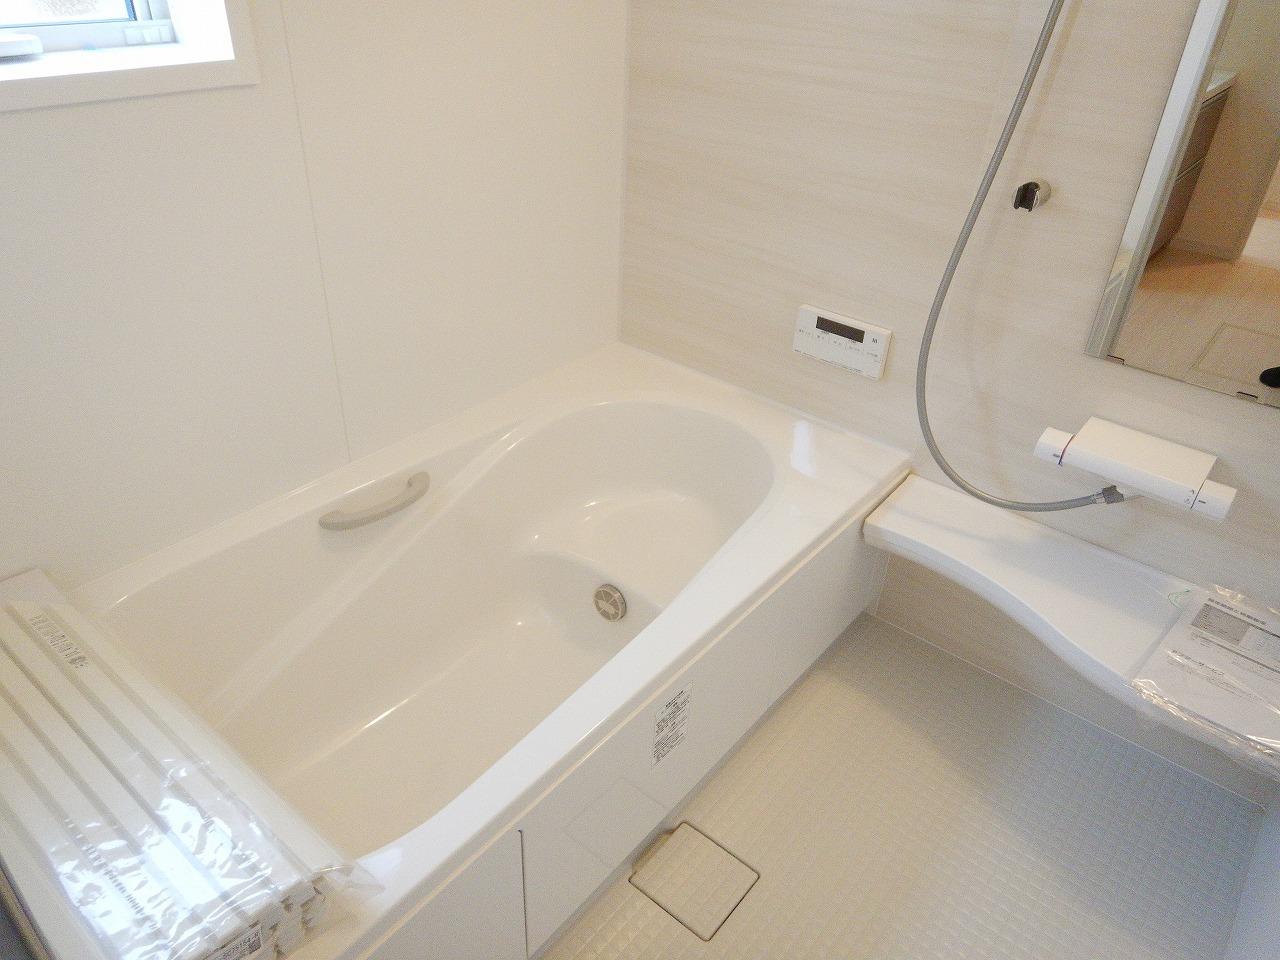 浴室乾燥機で雨の日でも楽々お洗濯(^^) 施工事例。実際のものと異なります。